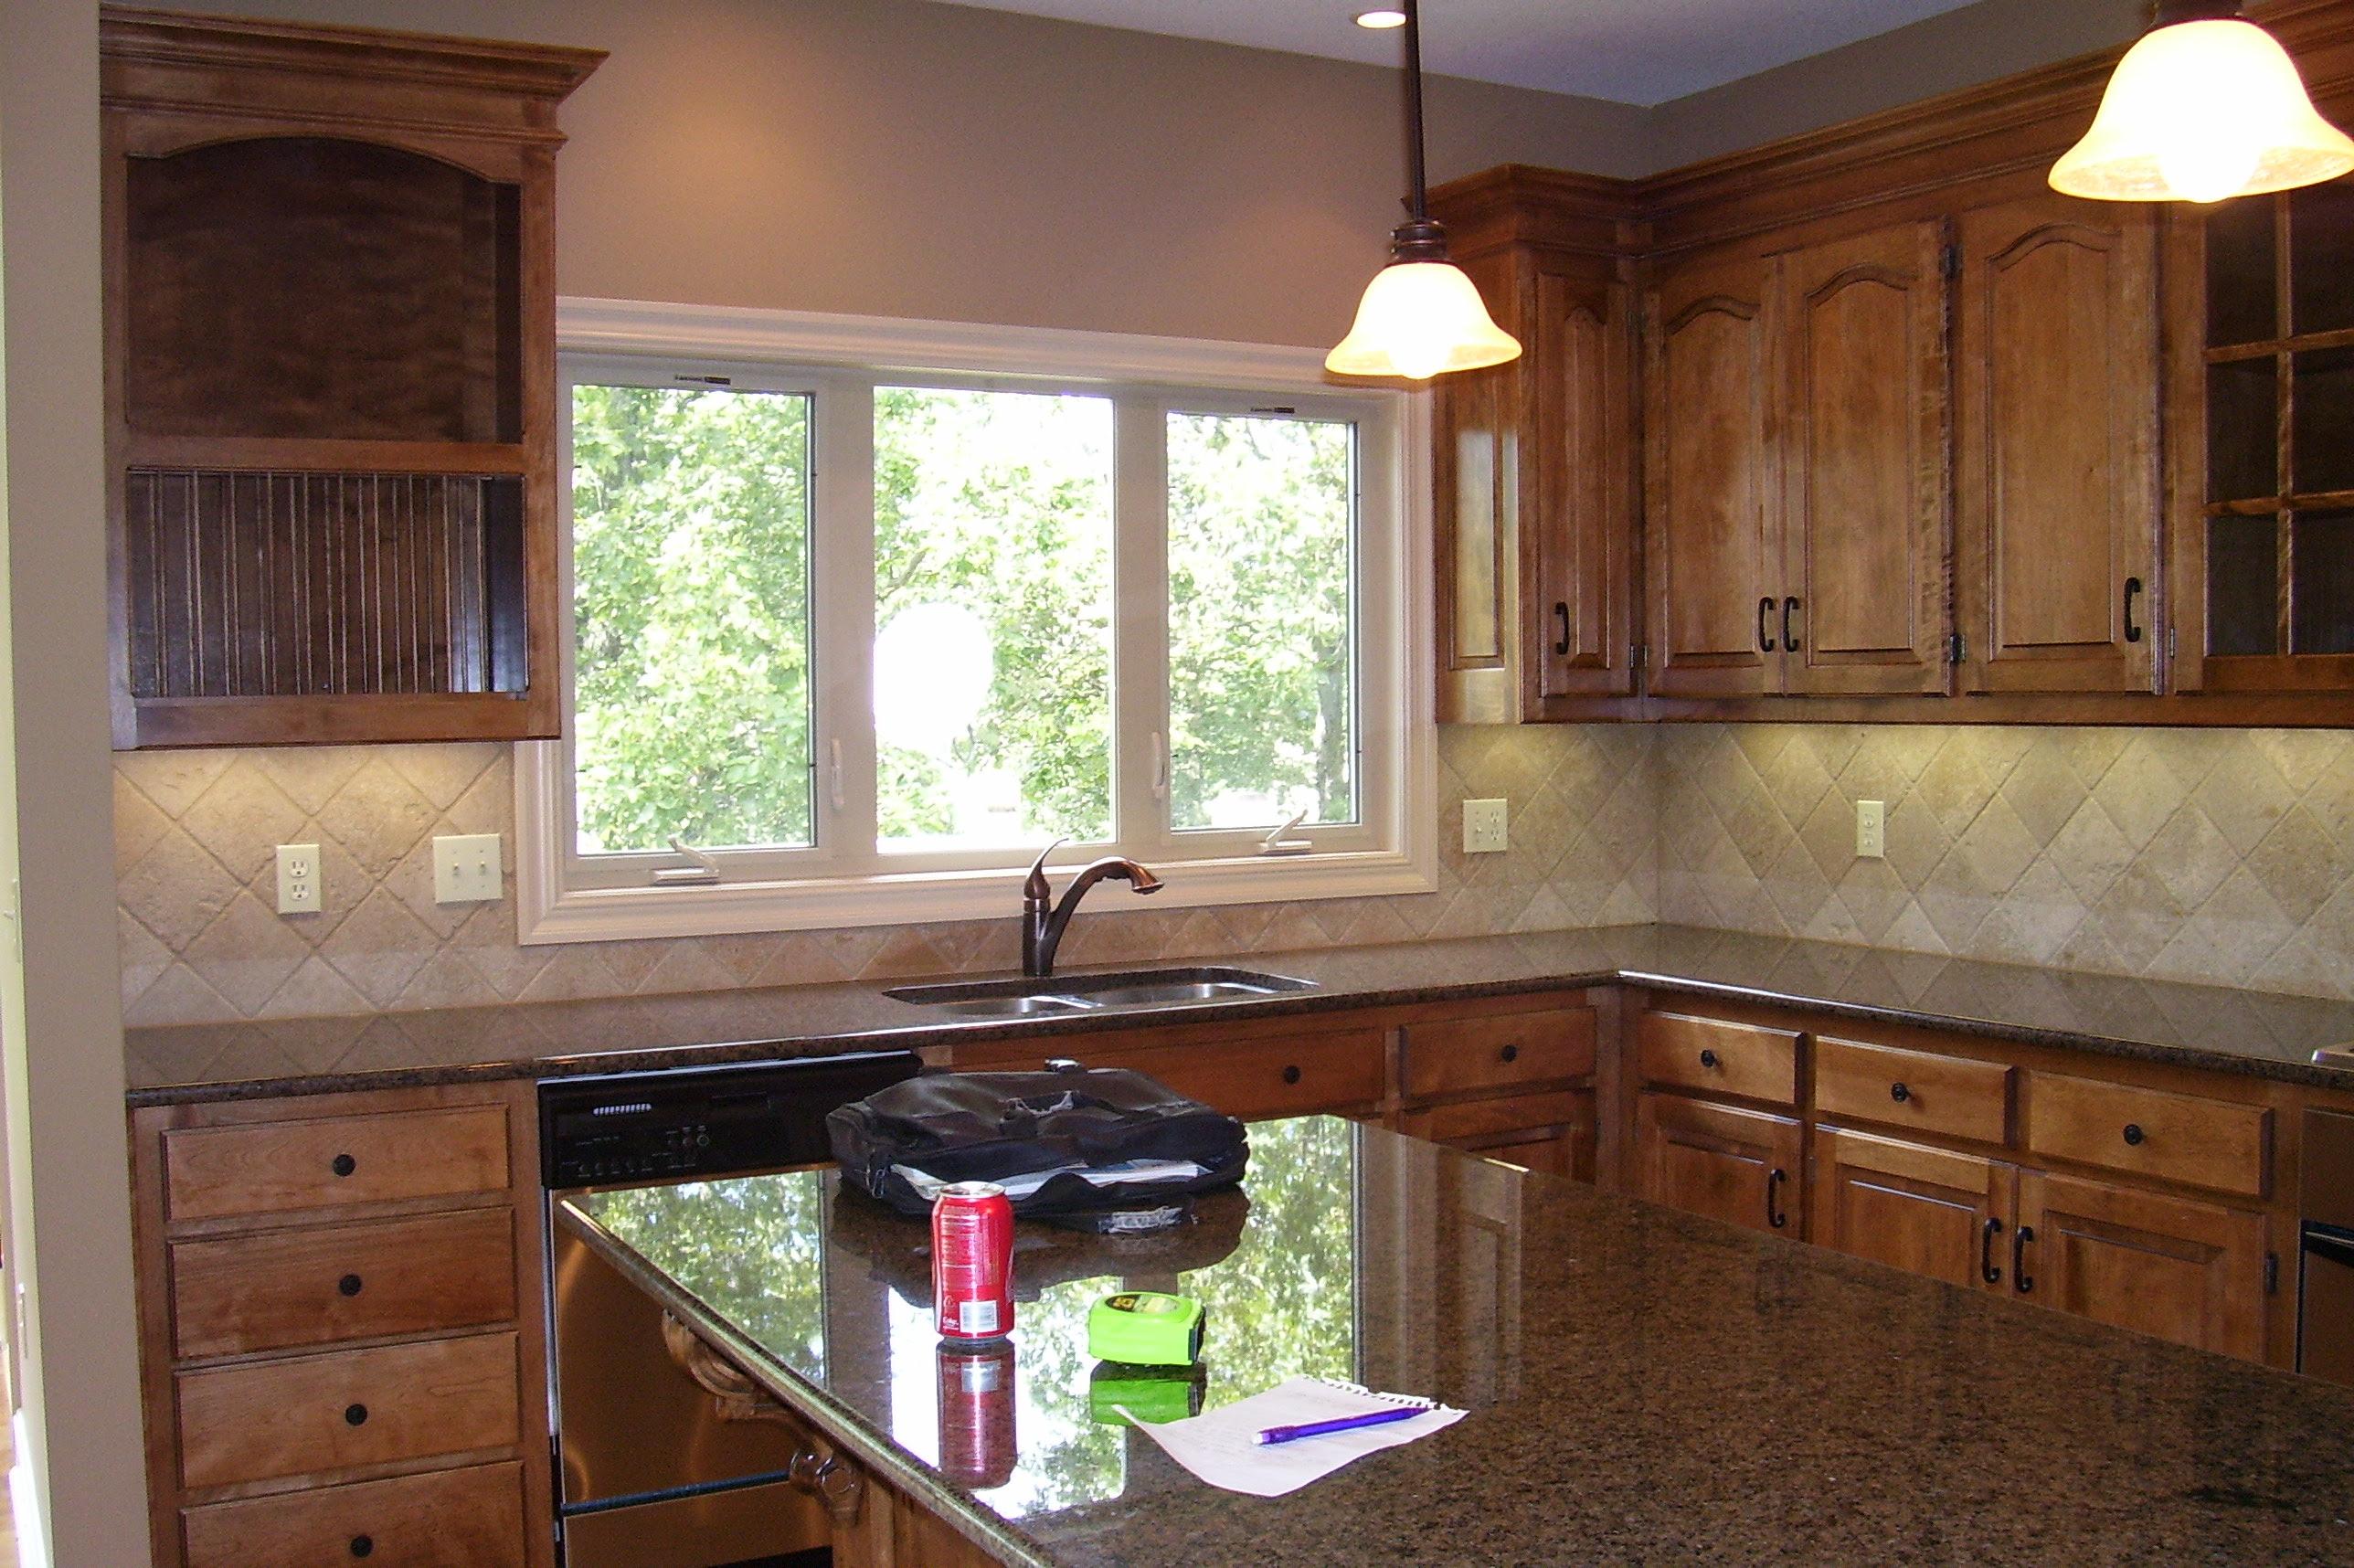 Alder Cabinets With Granite Countertops